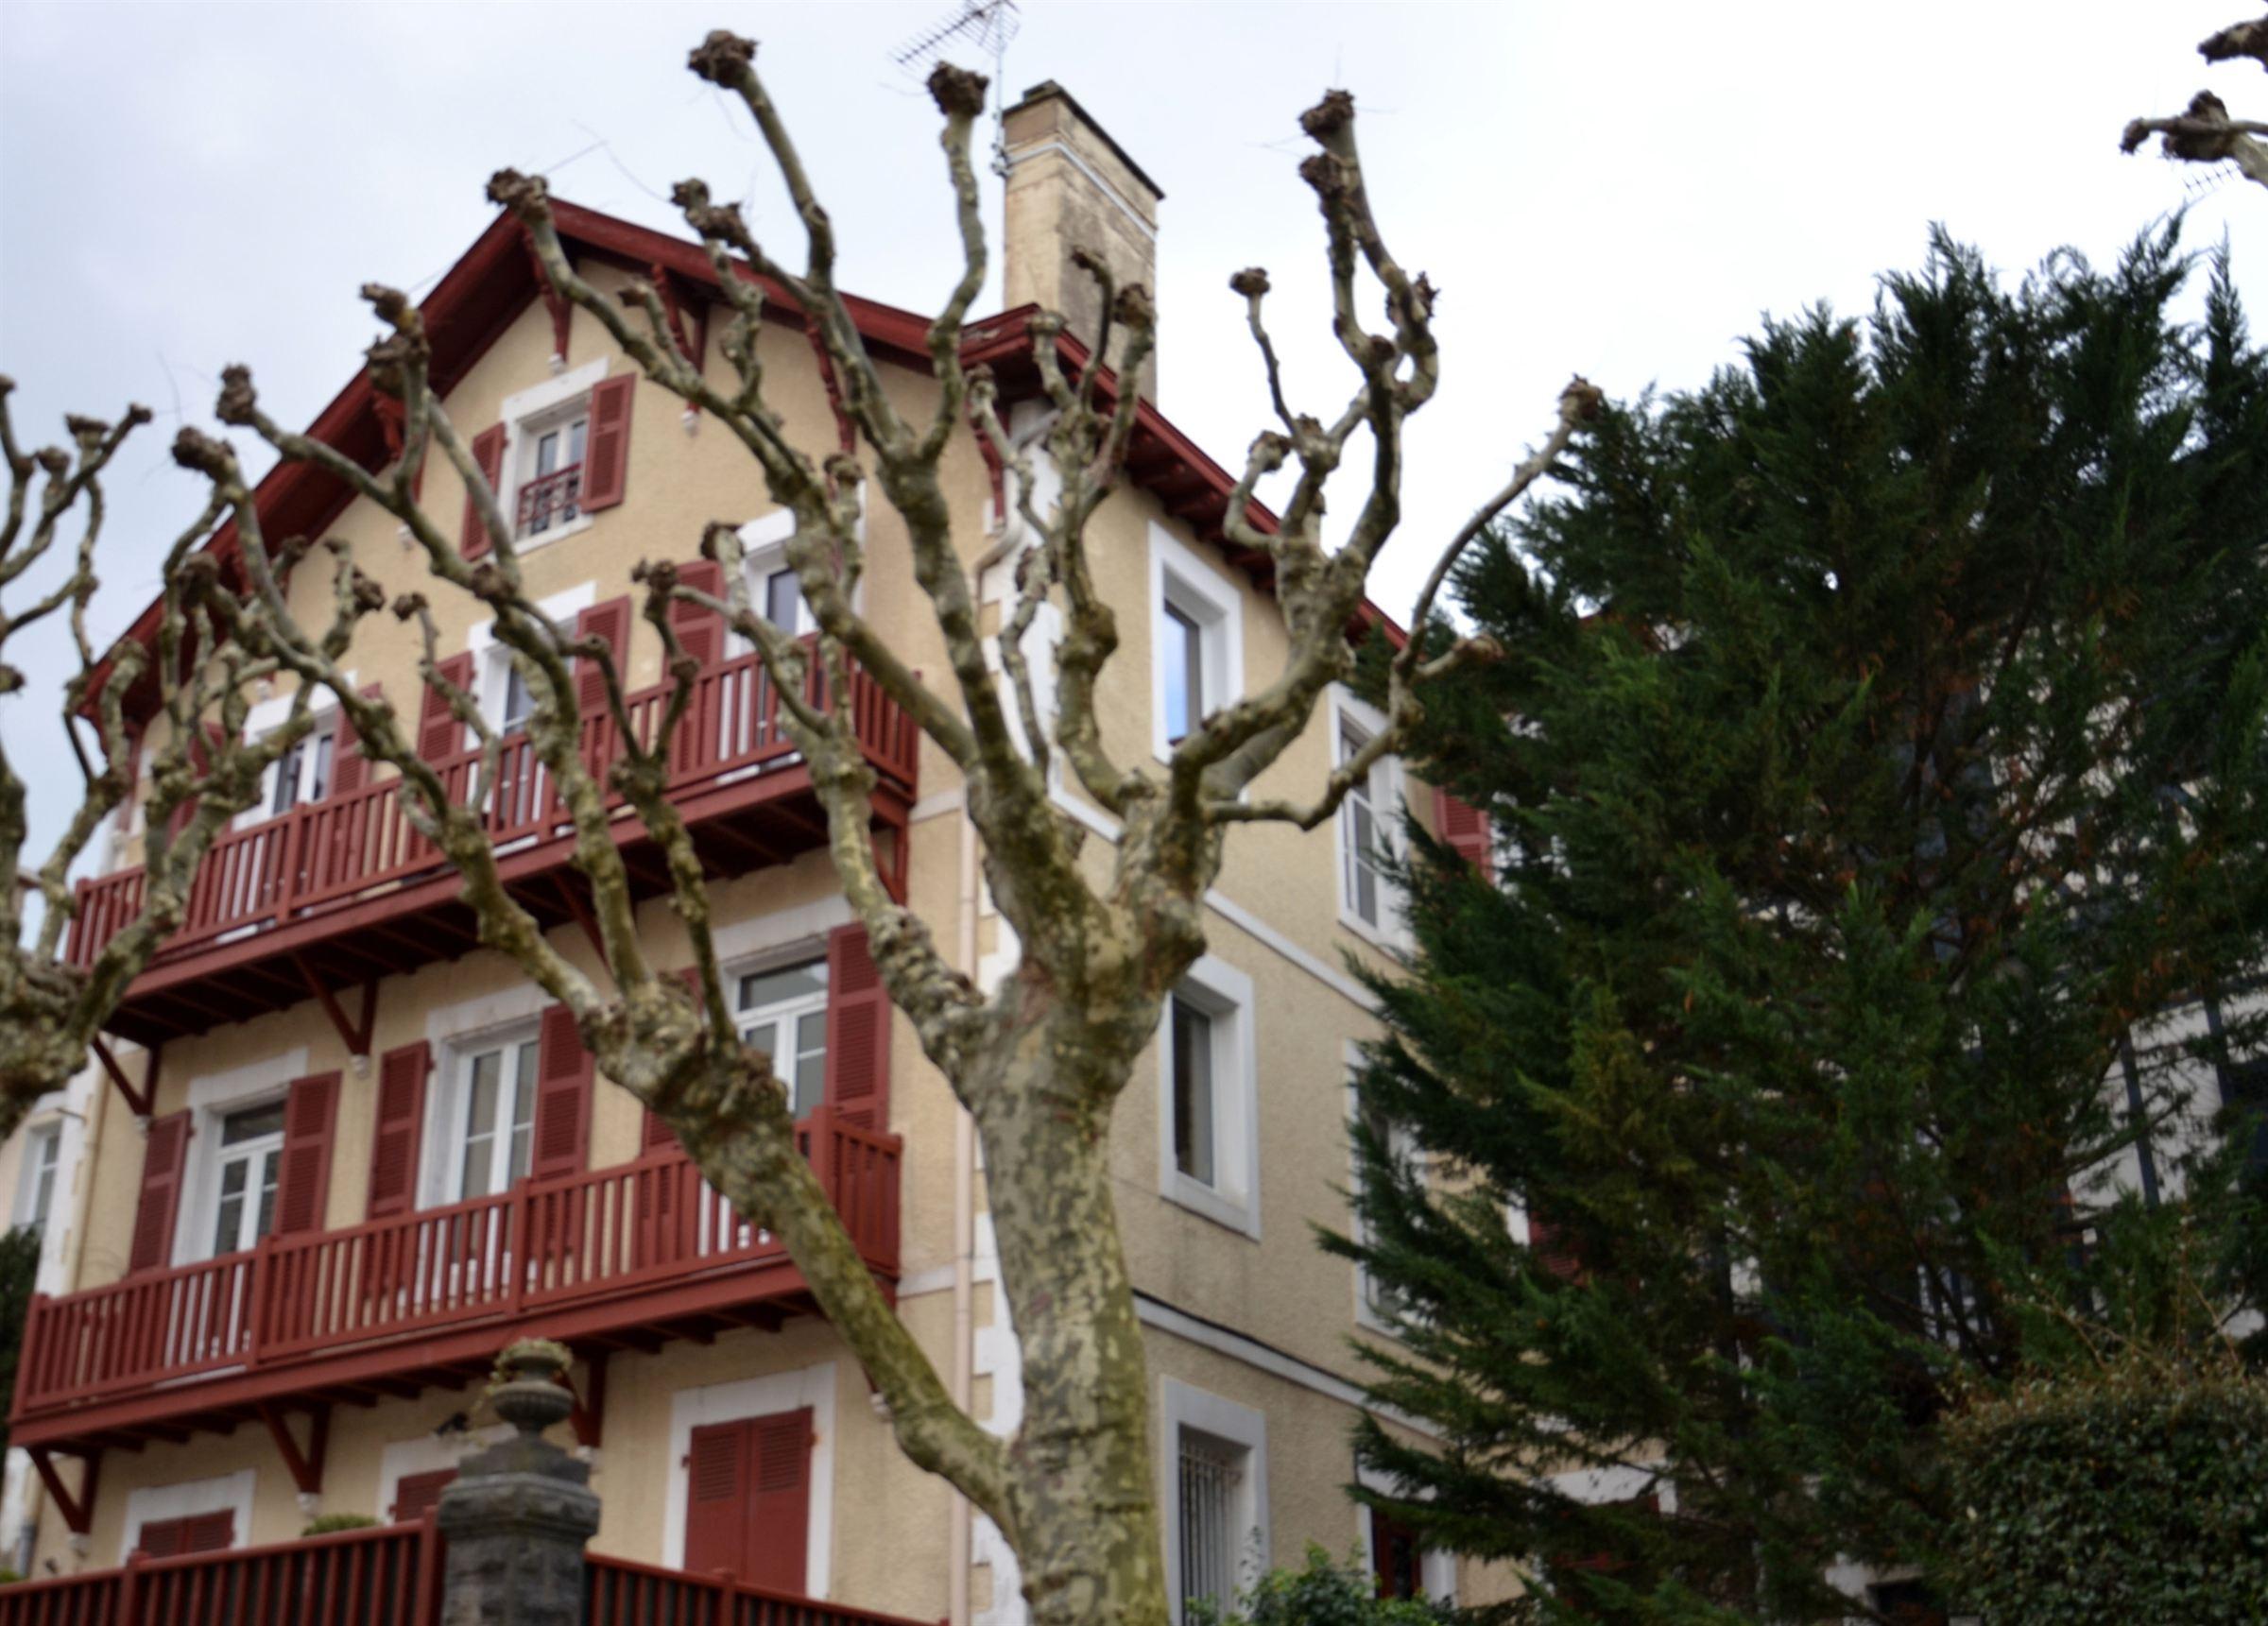 Квартира для того Продажа на BIARRITZ EXCLUSIVITE Biarritz, Аквитания, 64200 Франция